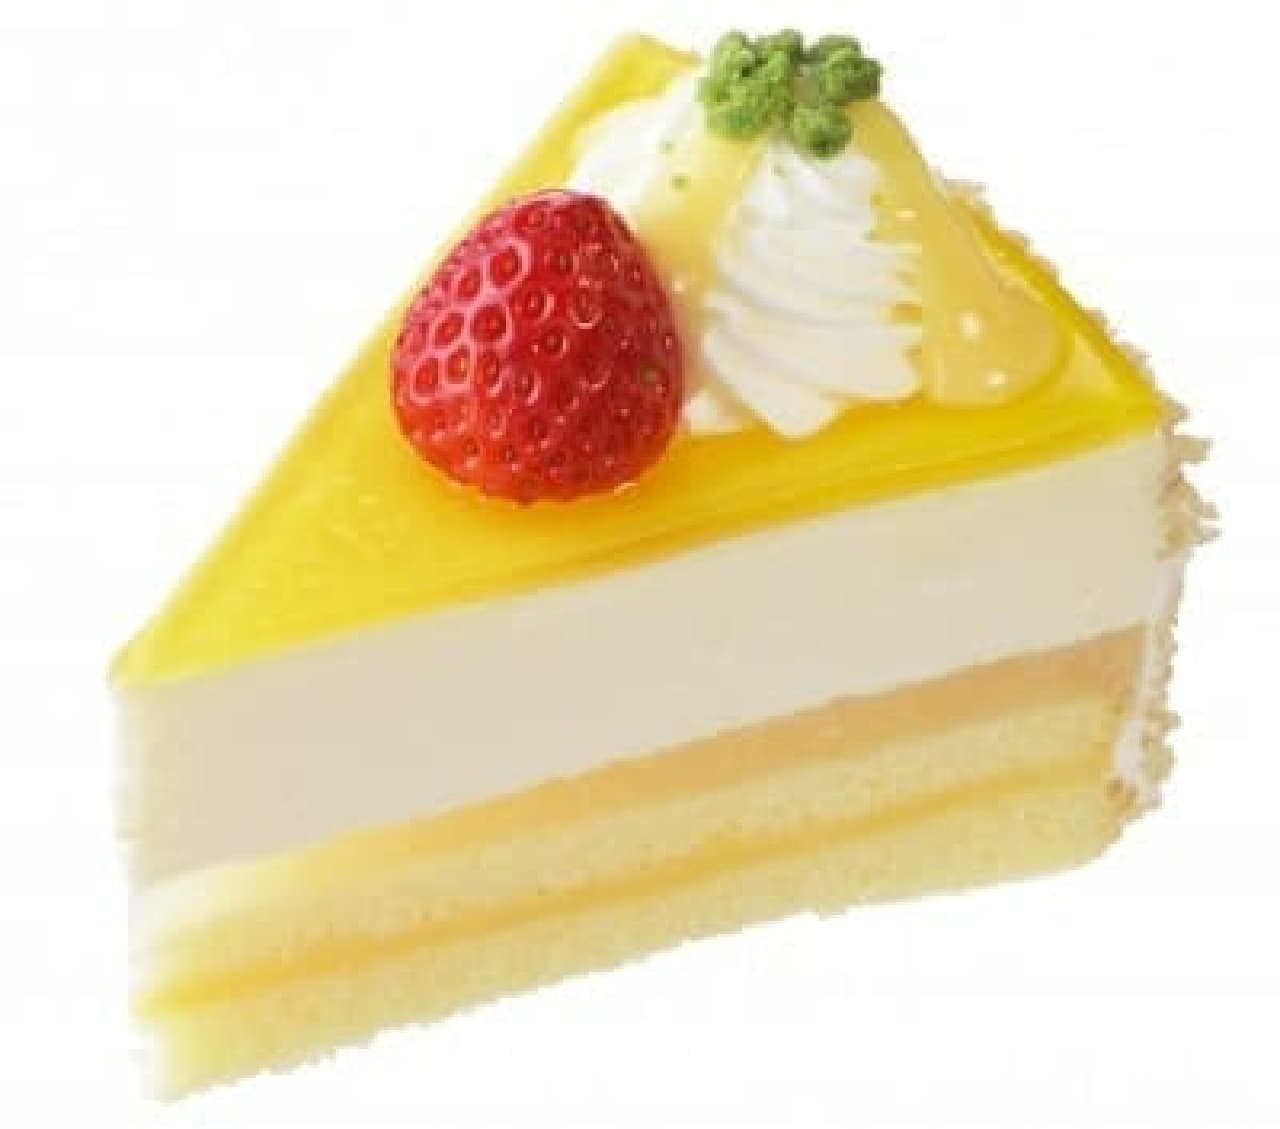 銀座コージーコーナー 「夏のレアチーズ」